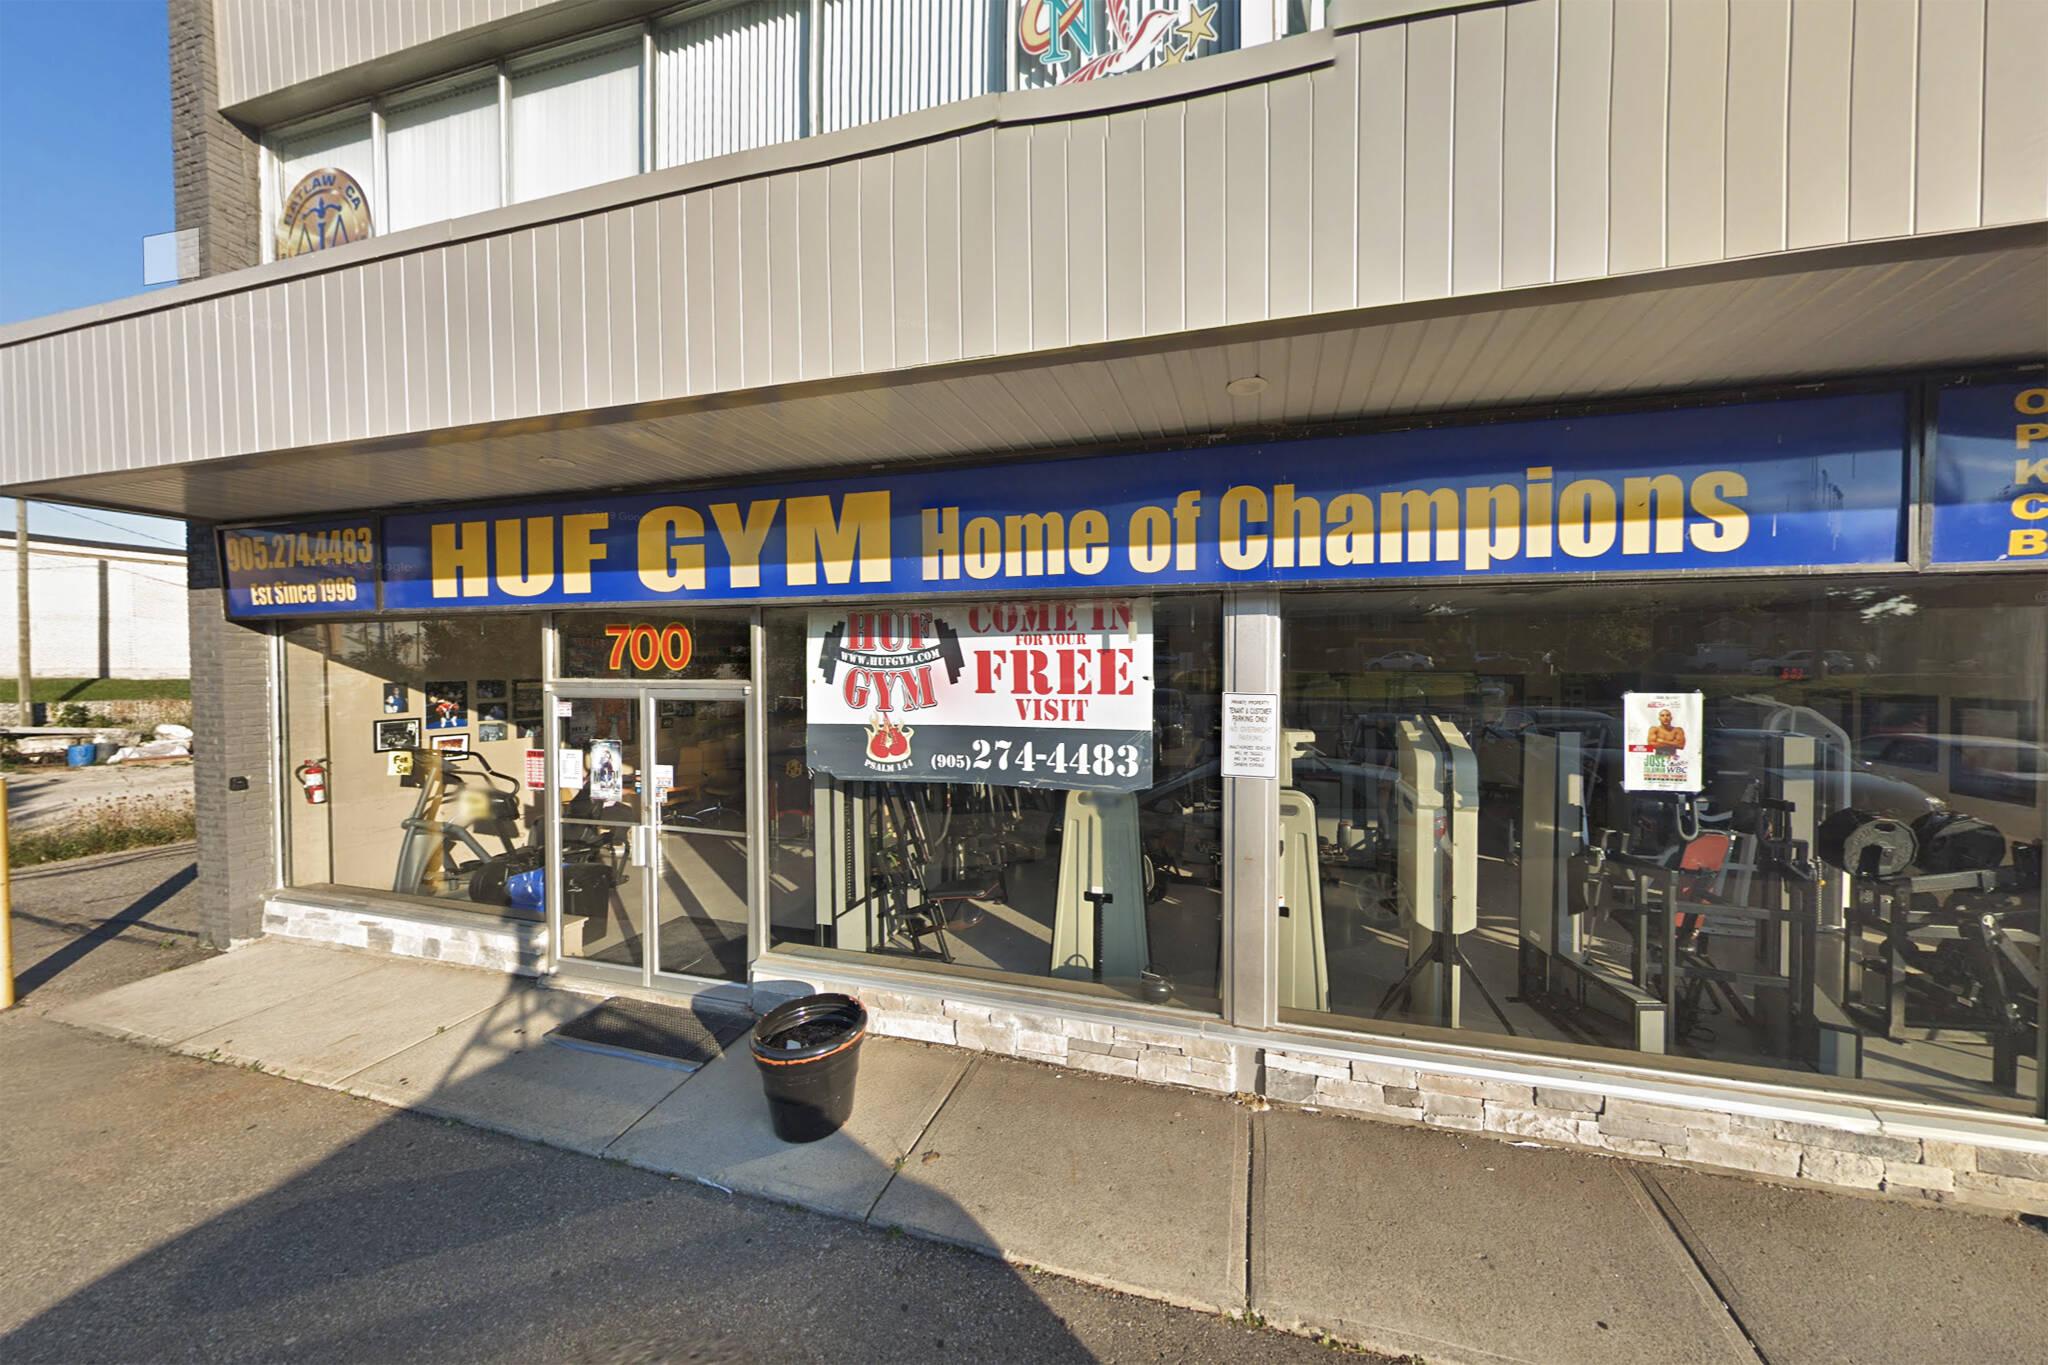 huf gym